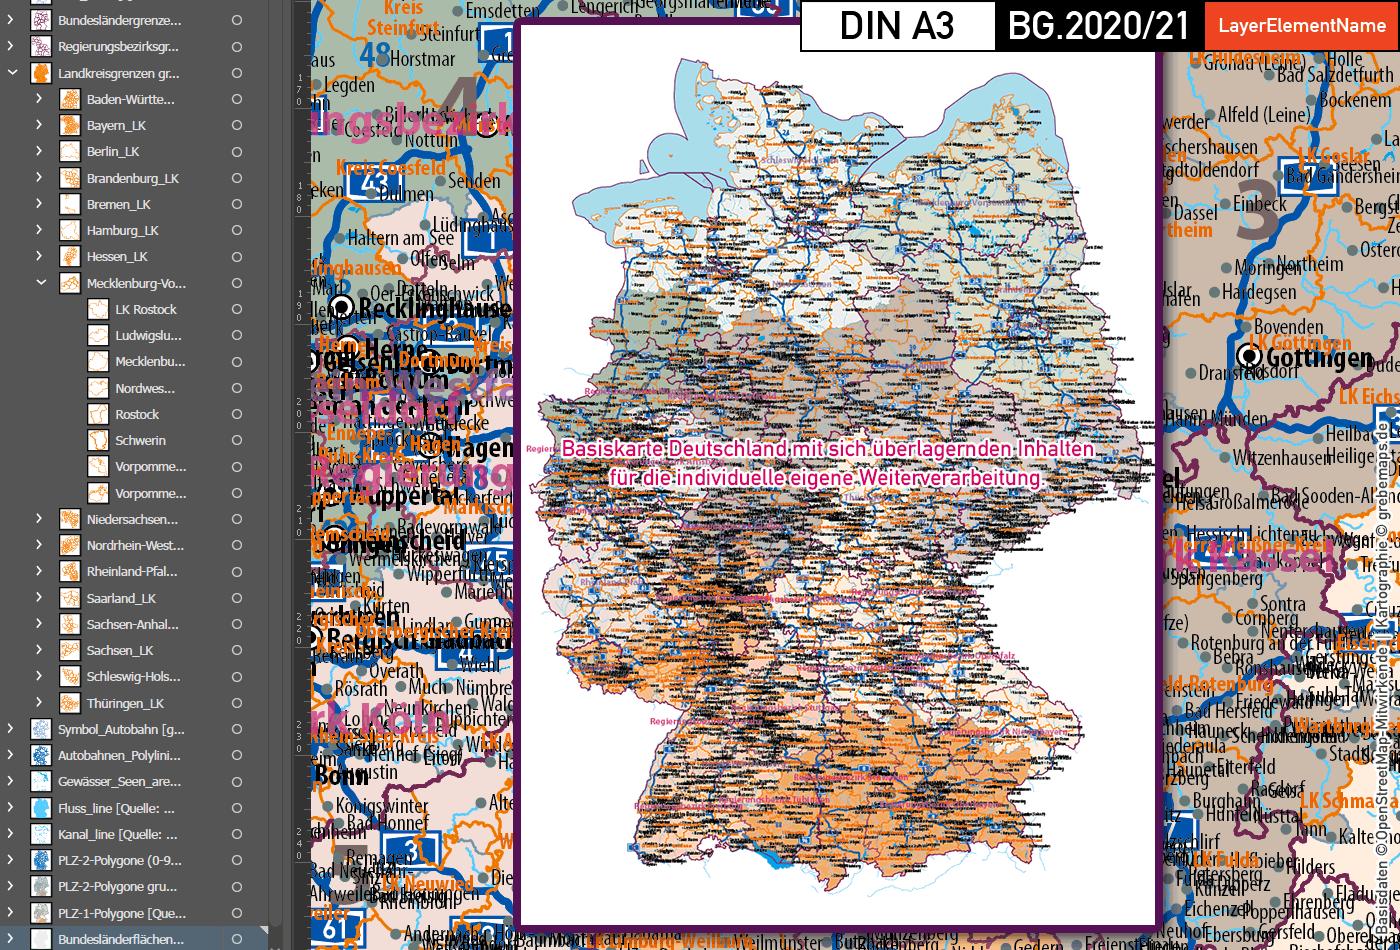 Karte Deutschland Landkreise, Karte Deutschland Postleitzahlen PLZ-1-2, PLZ-Karte Deutschland, Vektorkarte Deutschland Landkreise, Vektorkarte Deutschland PLZ 2-stellig, vector map germany plz, vector map germany illustrator, ai, editierbar, ebenen-separiert, download